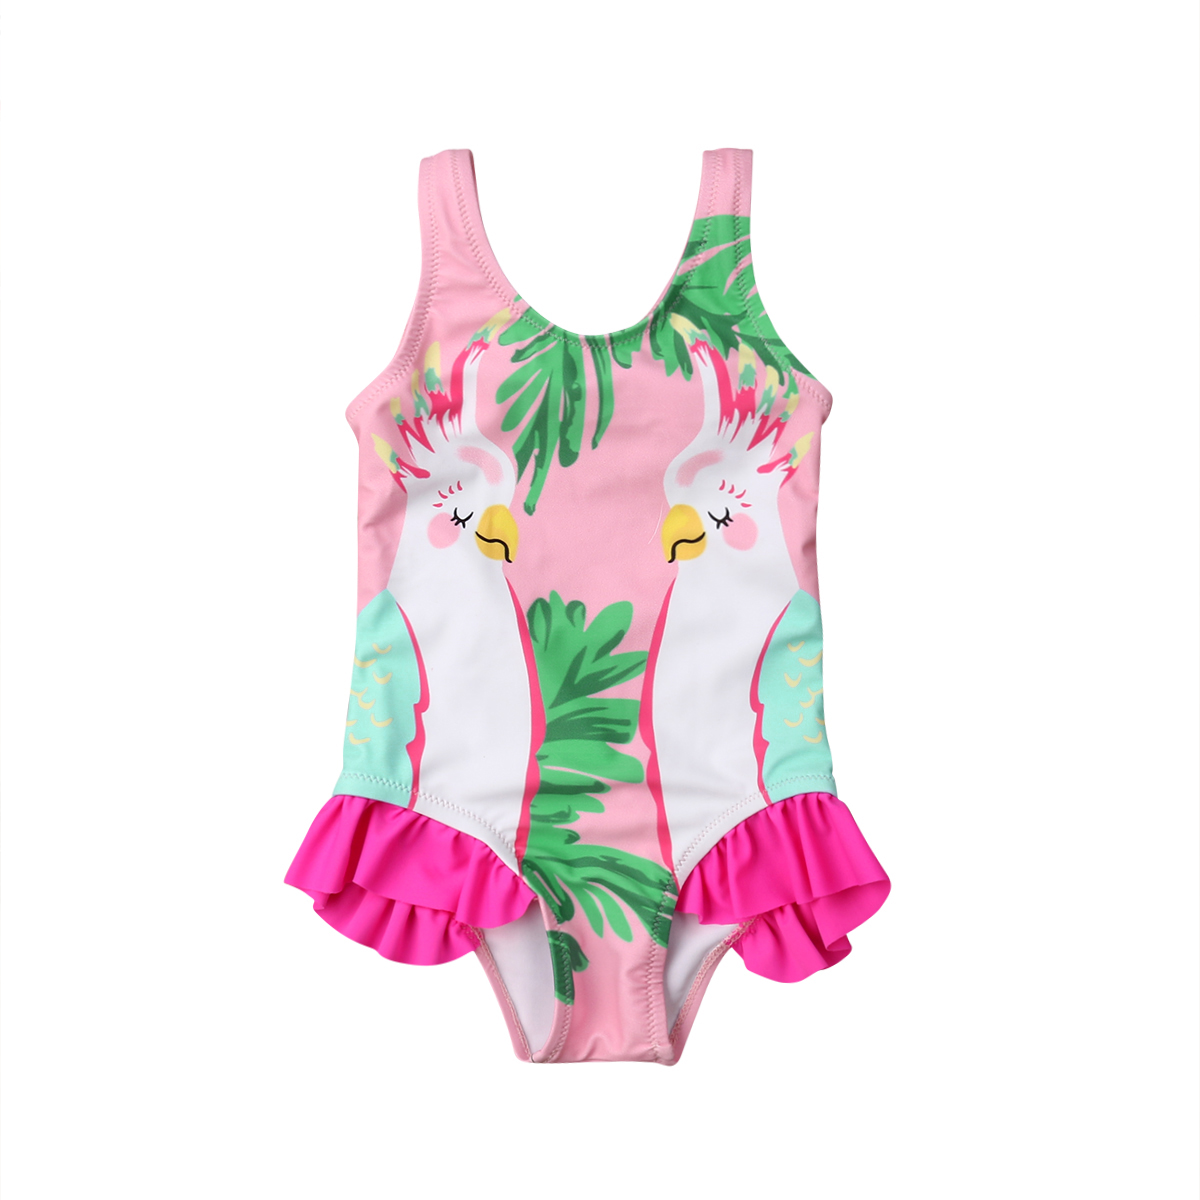 Pudcoco Kids Baby Girls Summer Cartoon Bikini Swimwear Swimsuit Bathing Suit BeachwearPudcoco Kids Baby Girls Summer Cartoon Bikini Swimwear Swimsuit Bathing Suit Beachwear